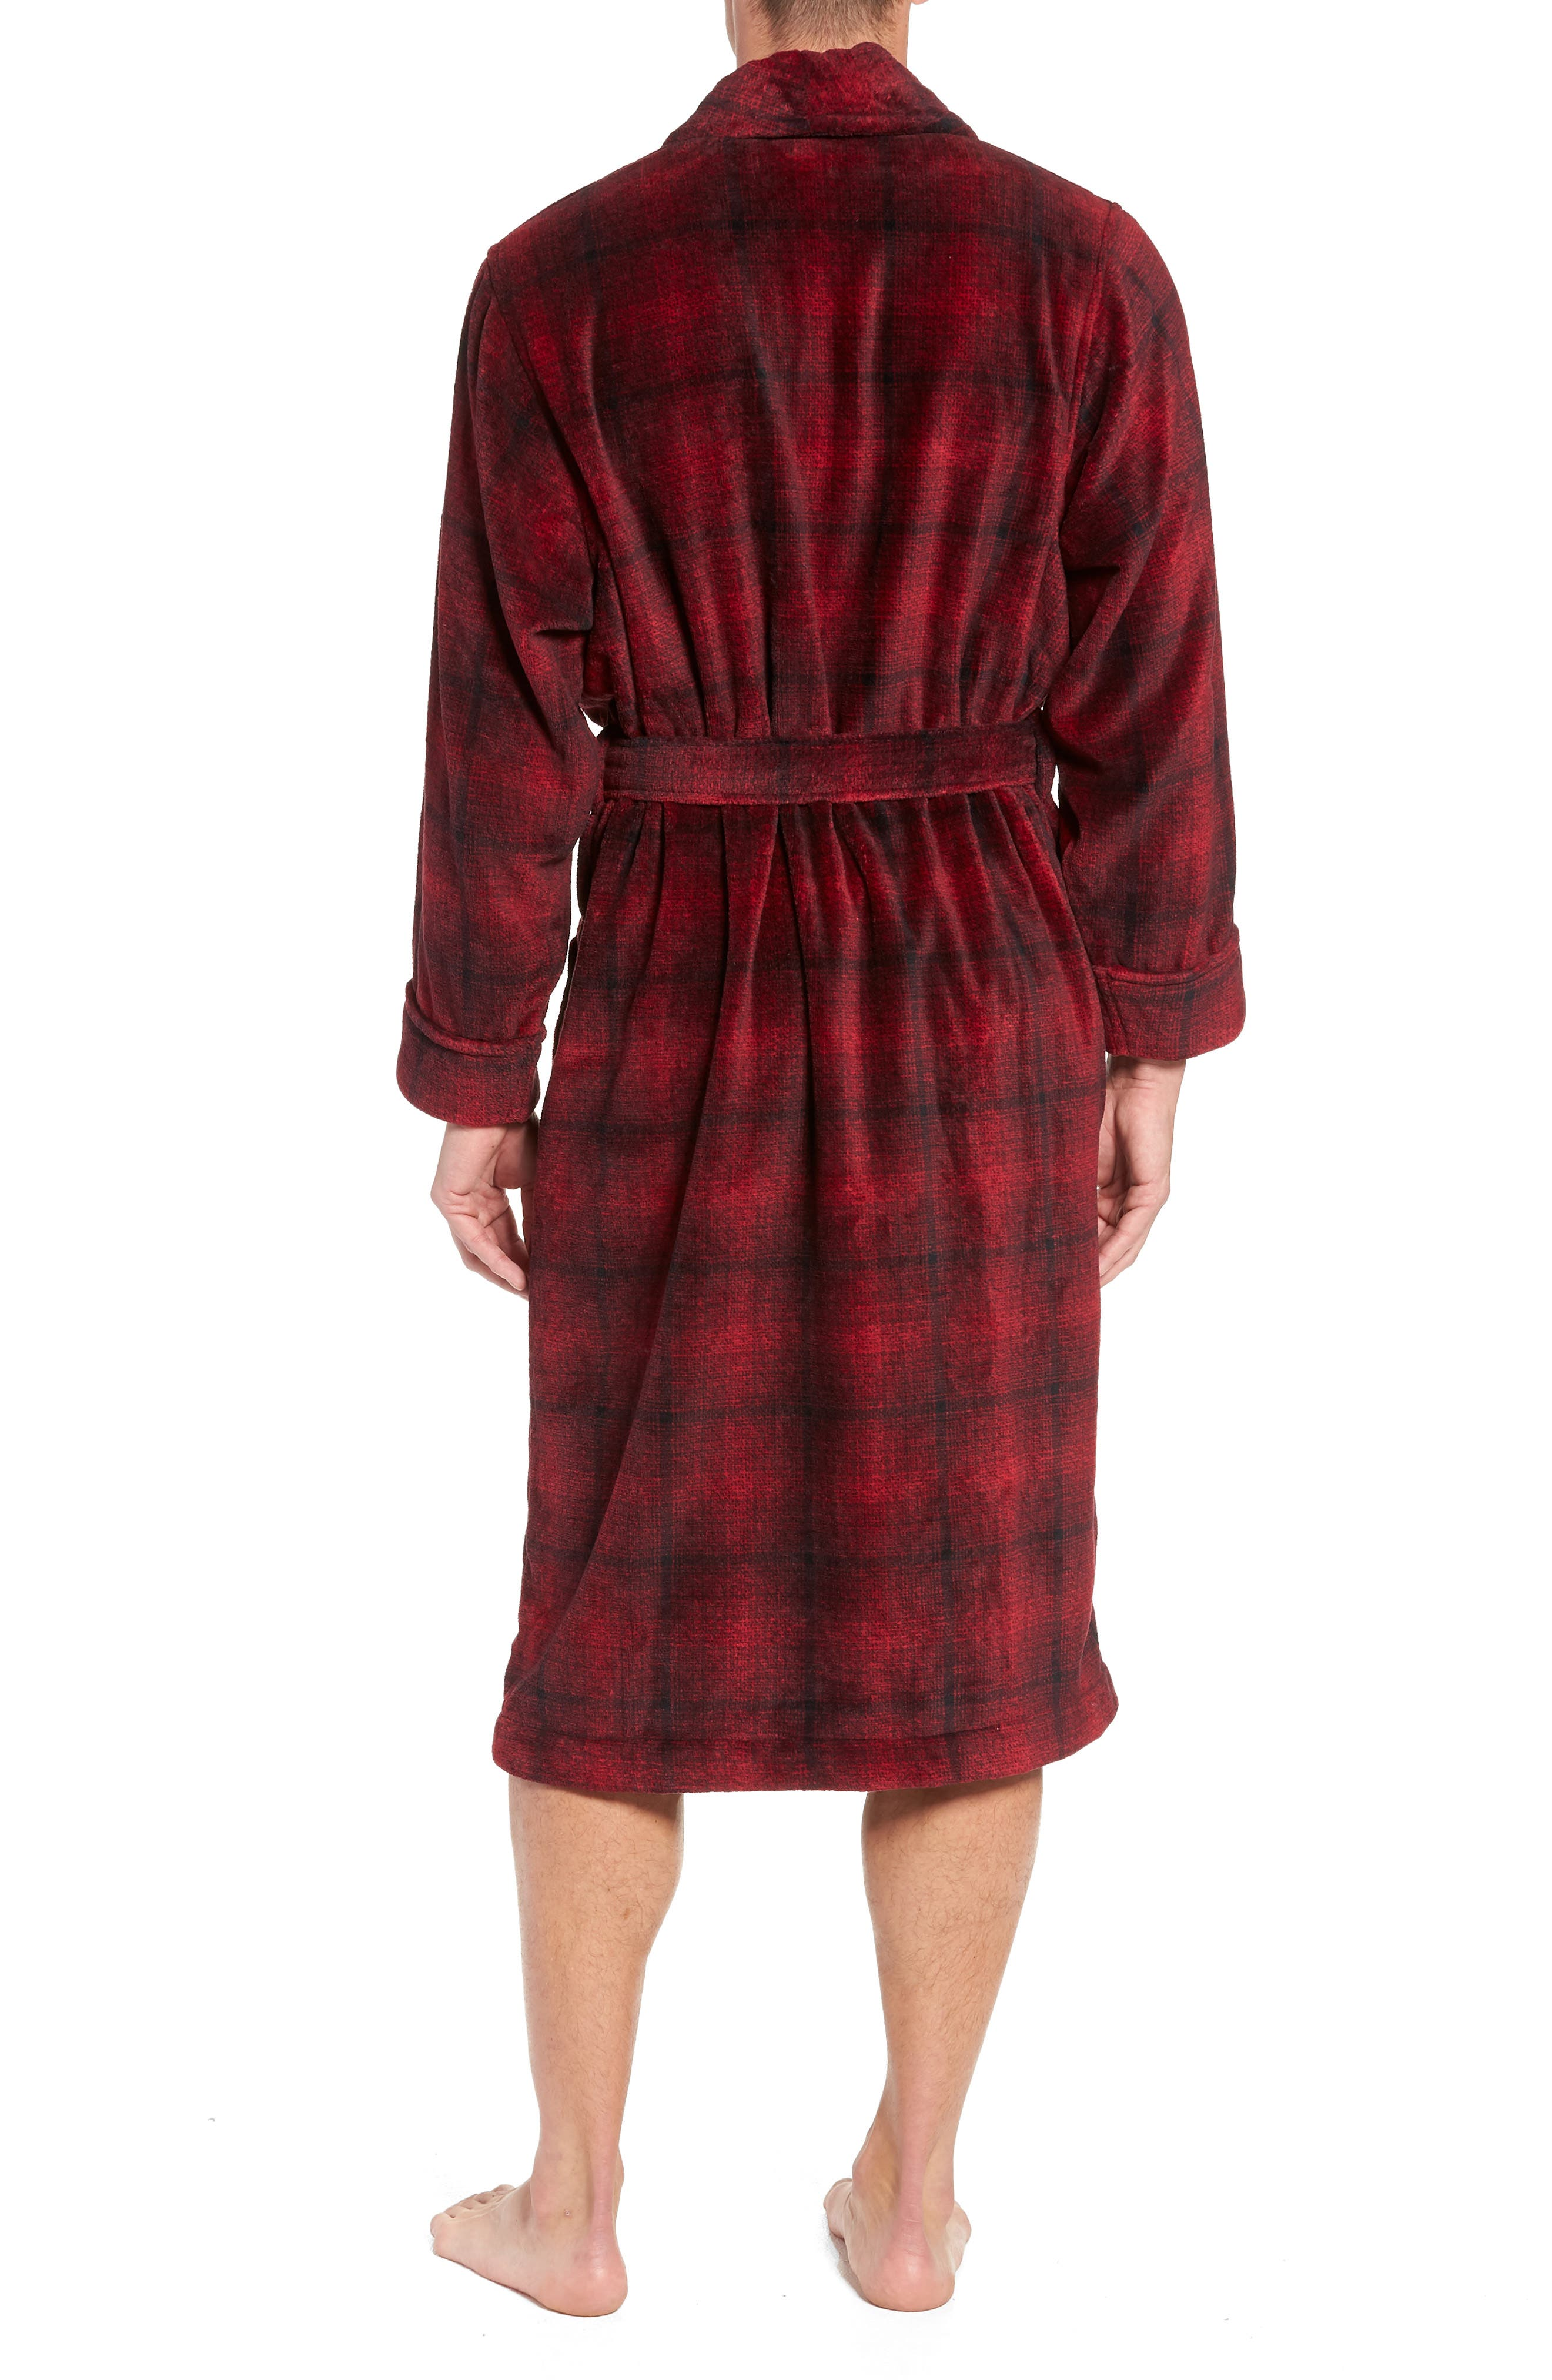 Ombré Plaid Fleece Robe,                             Alternate thumbnail 2, color,                             RED JESTER- BLACK OMBRE PLAID